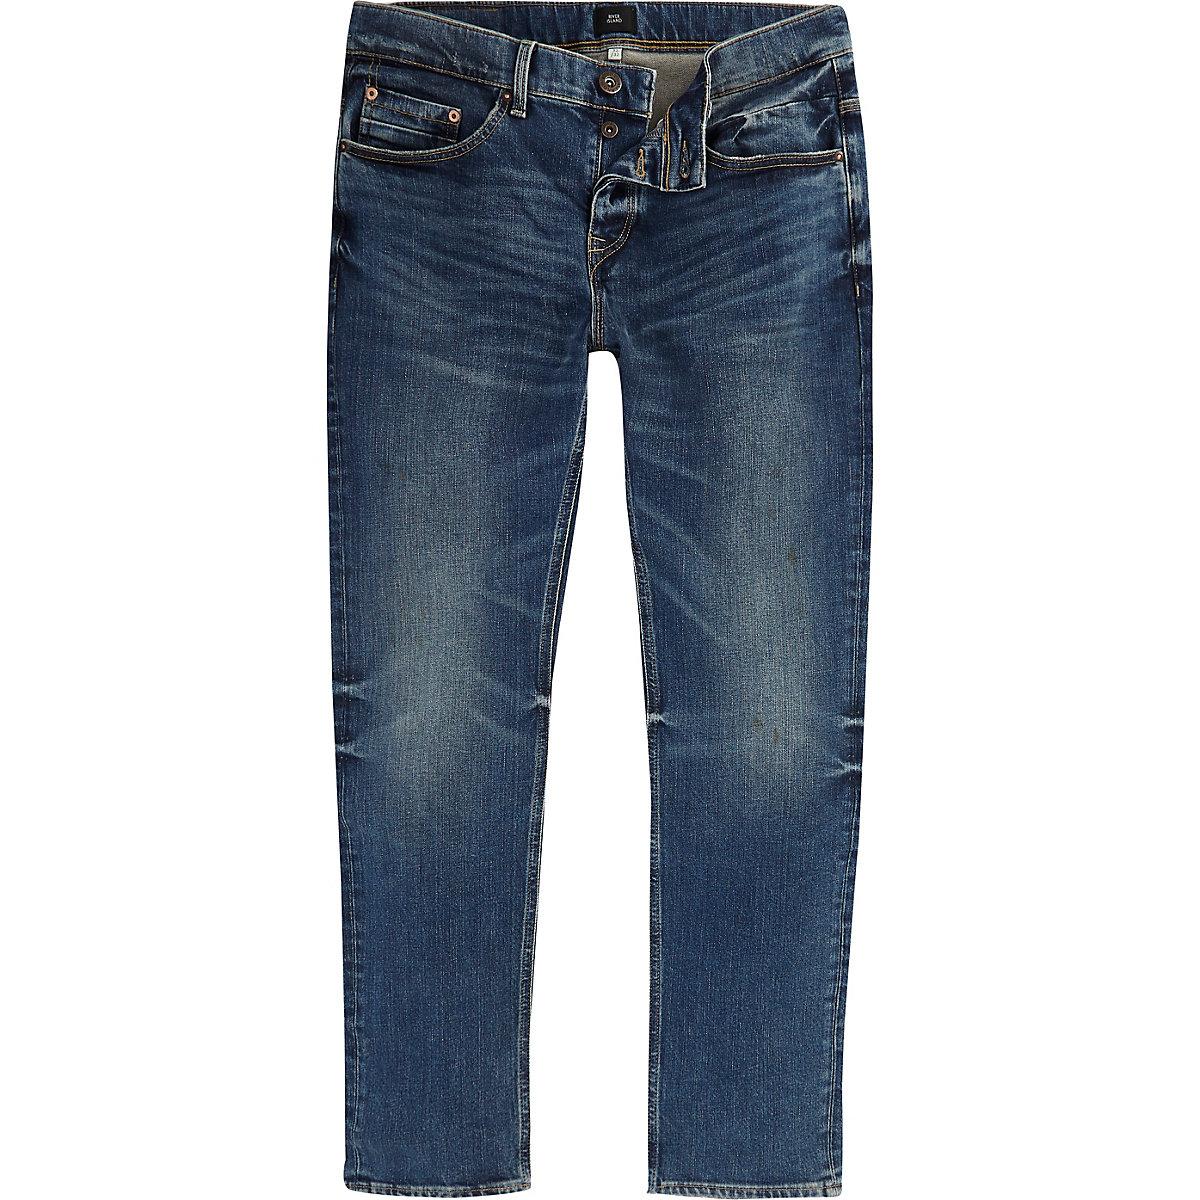 Dark blue fade Dean straight leg jeans